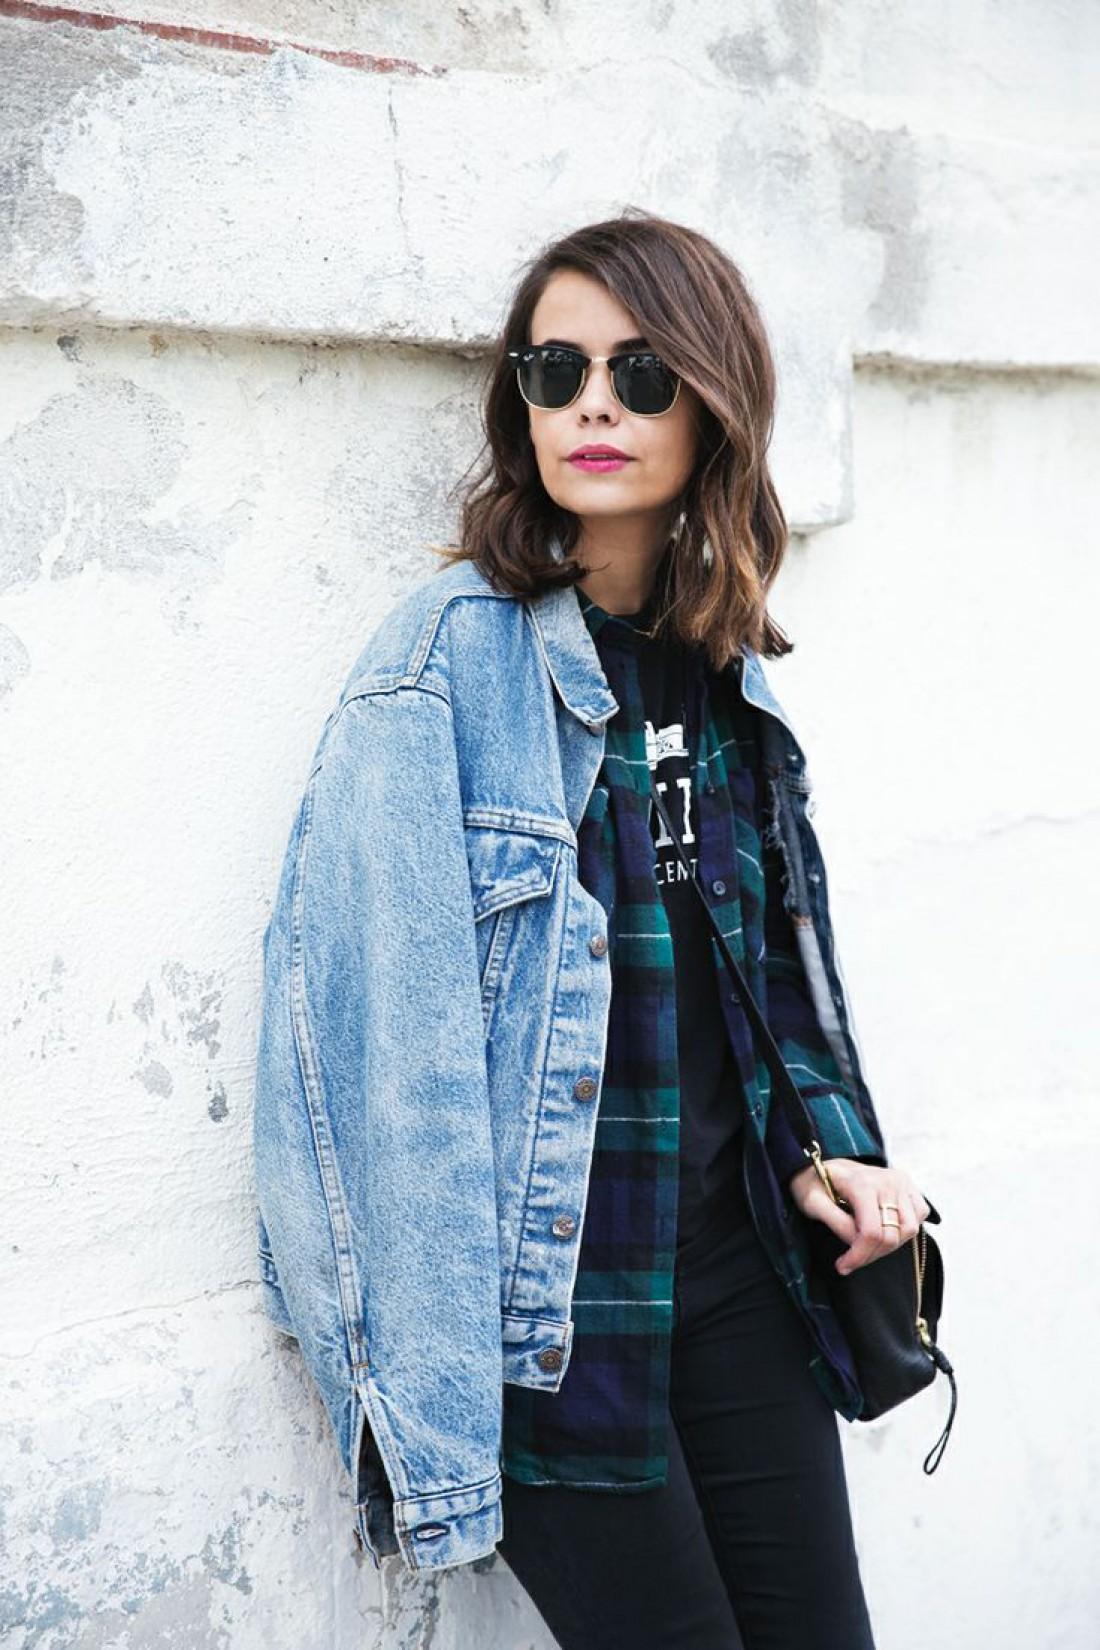 Джинсовая куртка заслуженно занимает лидирующие позиции в весеннем гардеробе